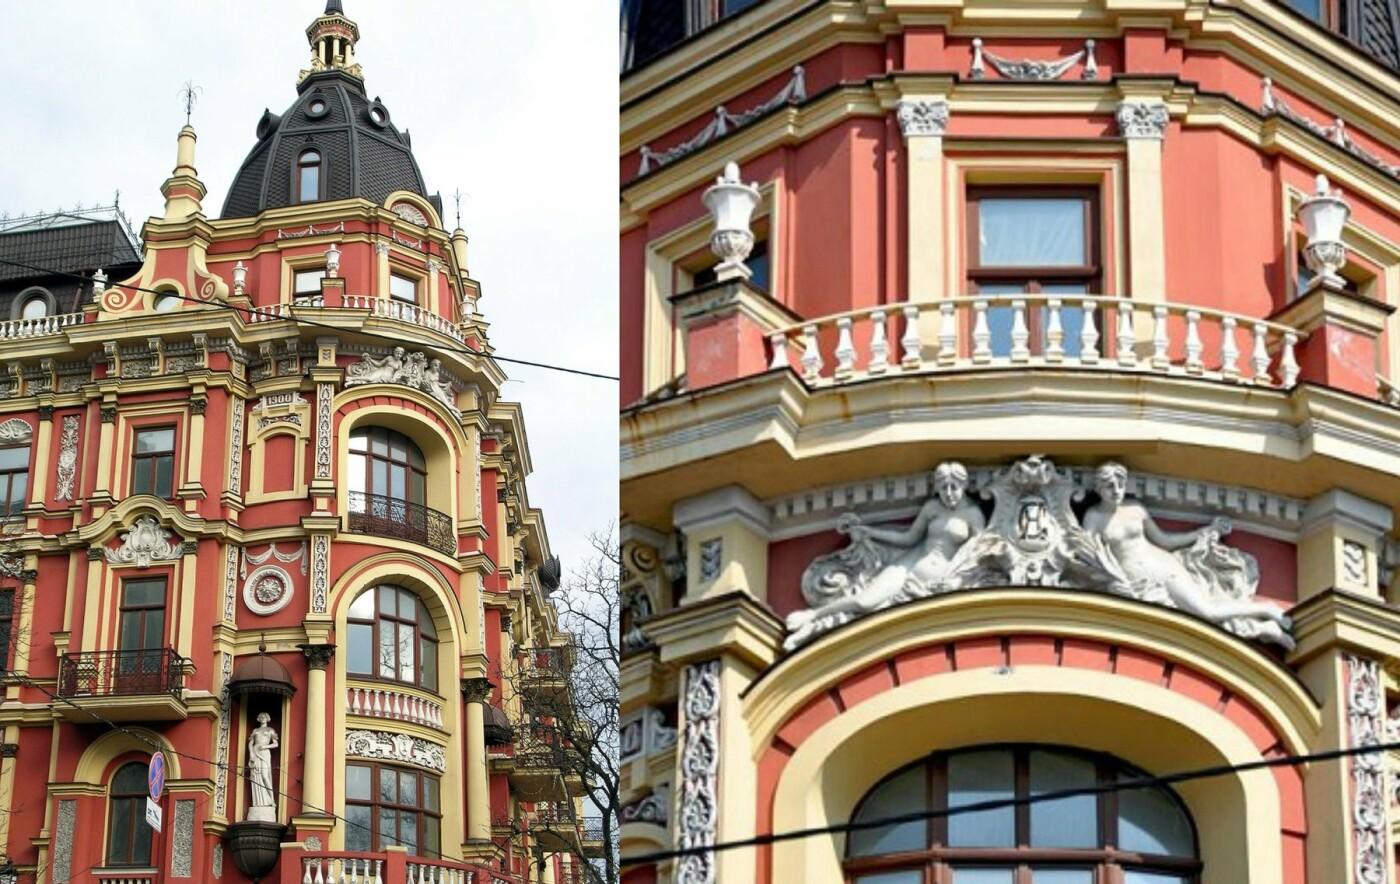 Ретро Киев: ТОП-5 старинных домов столицы, которые потрясают своей красотой, фото-19